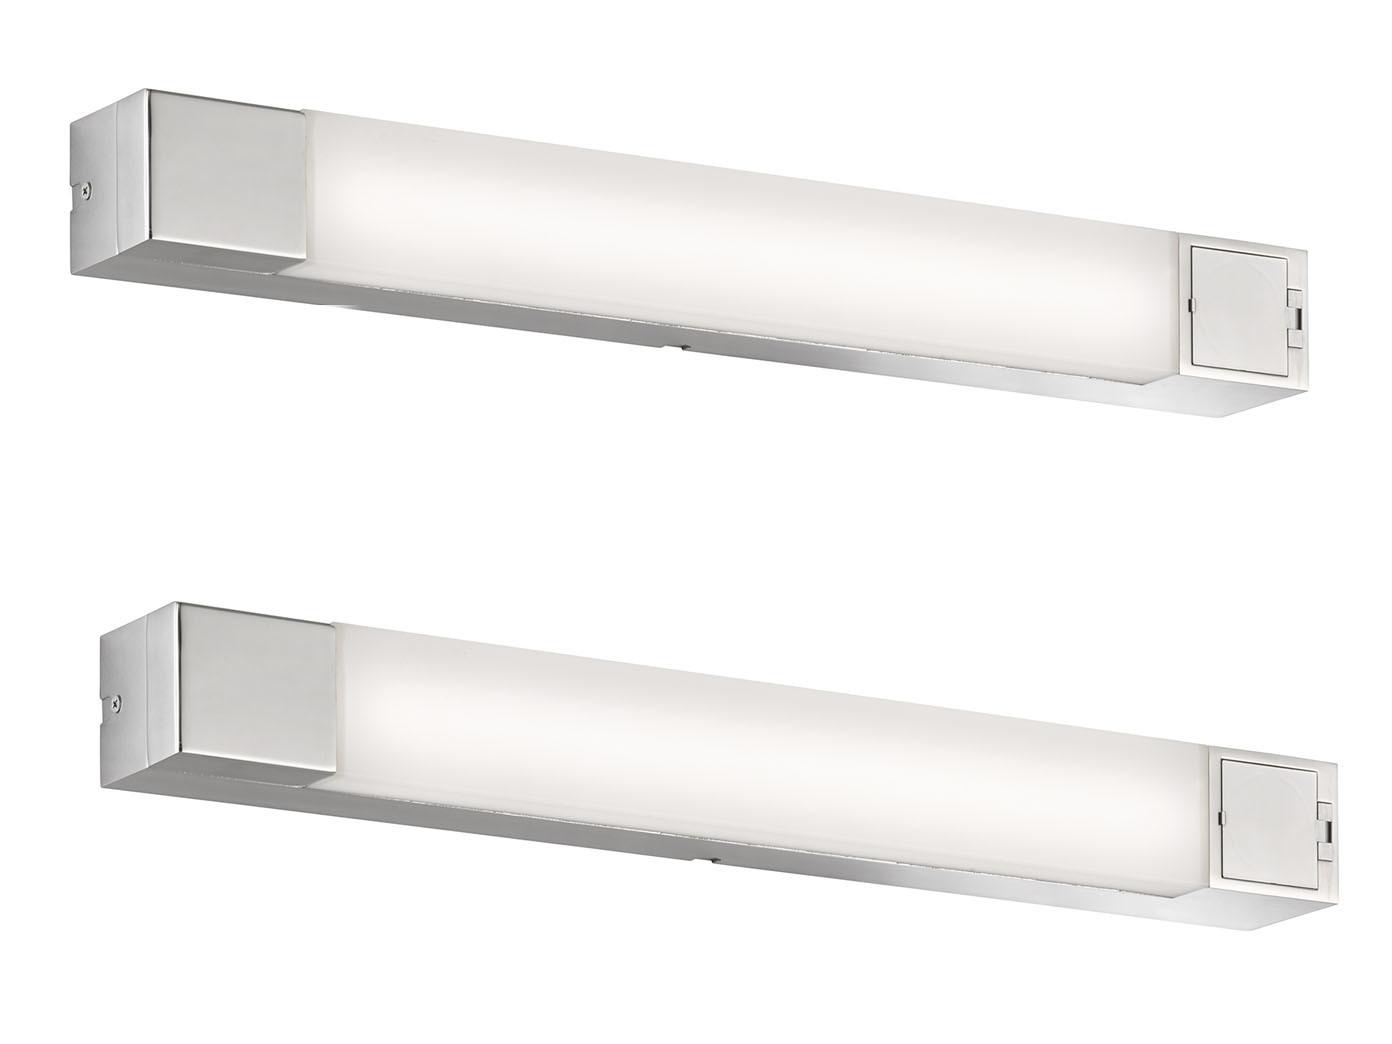 Led Badezimmer Wandlampenset Spiegelleuchten 60cm Mit Steckdose